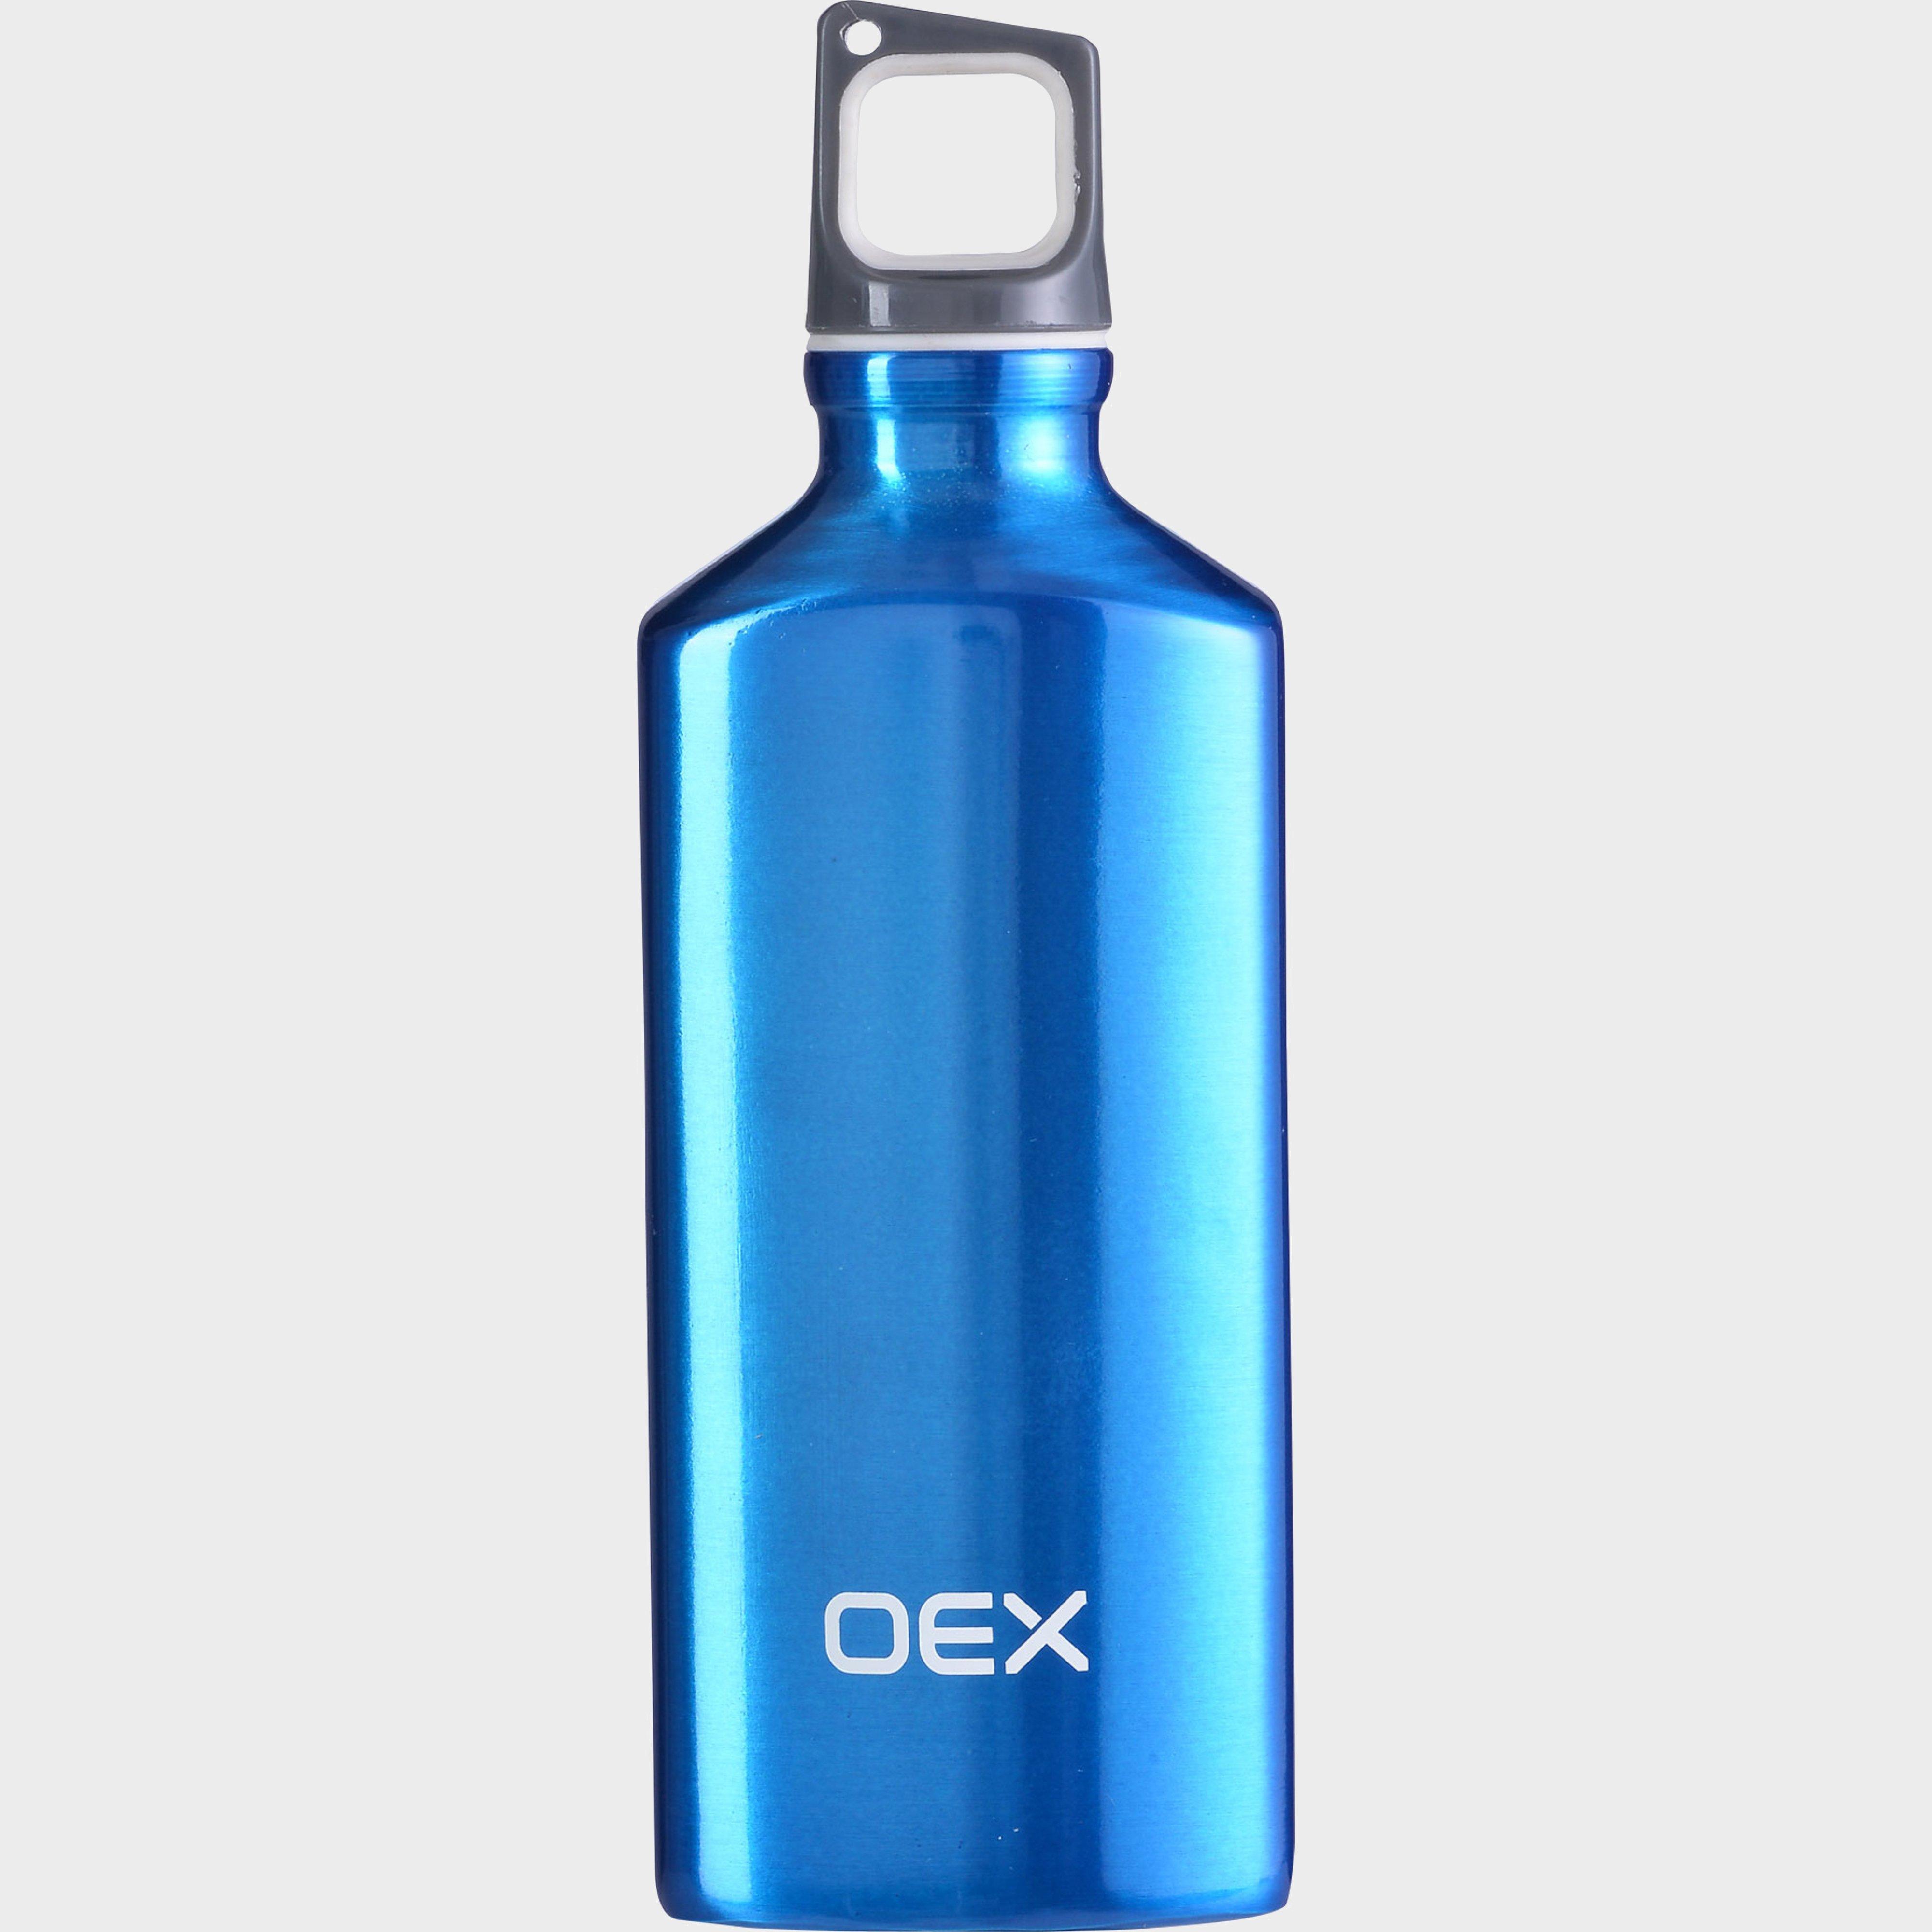 Oex Oex 600ml Aluminium Bottle